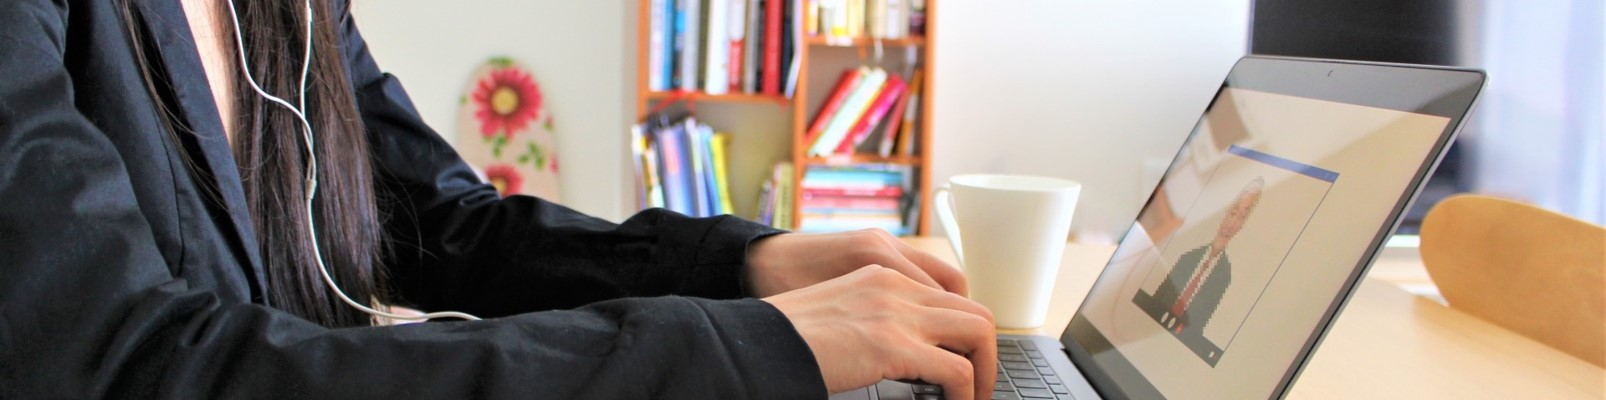 オンライン研修 ウェブセミナー実施時の注意点についてのコラム